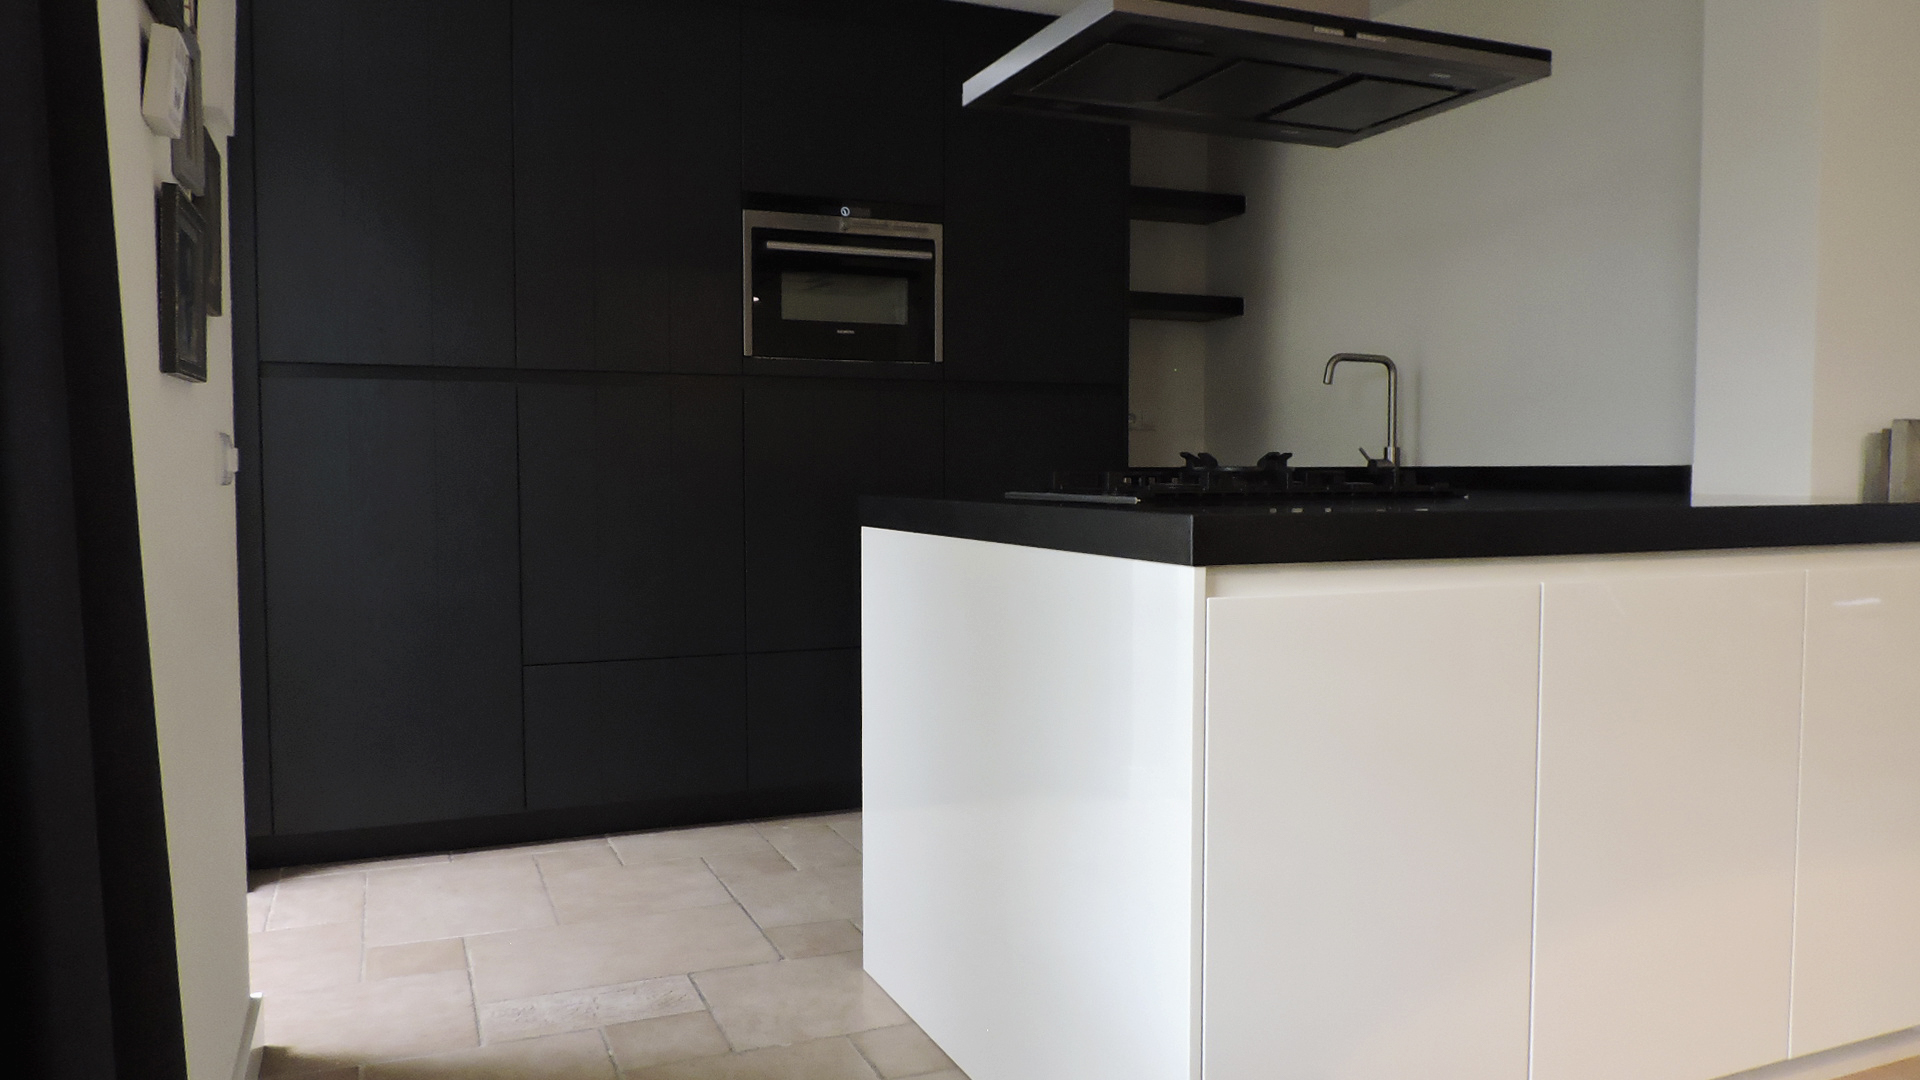 Keuken Zwart Wit : moderne-keuken-zwart-wit-strak-van-doren-maatinterieurs-nederweert-7